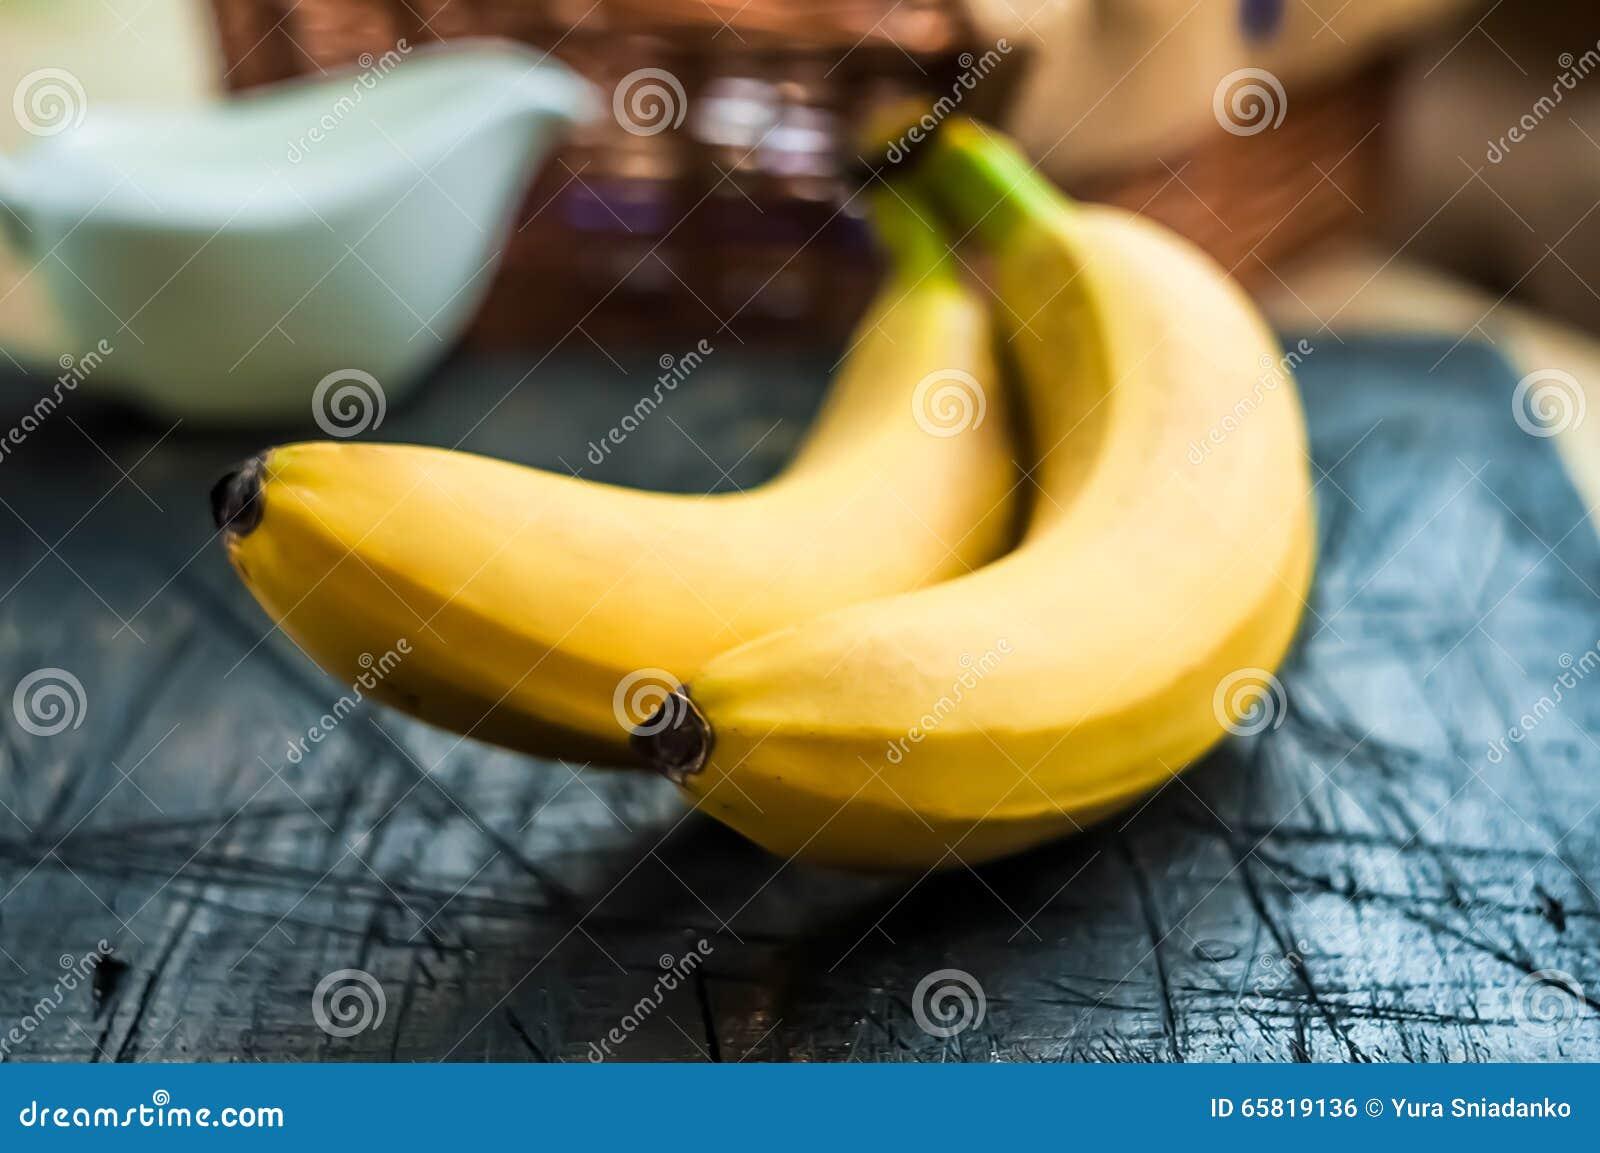 Banana On Table Two Bananas On The Table